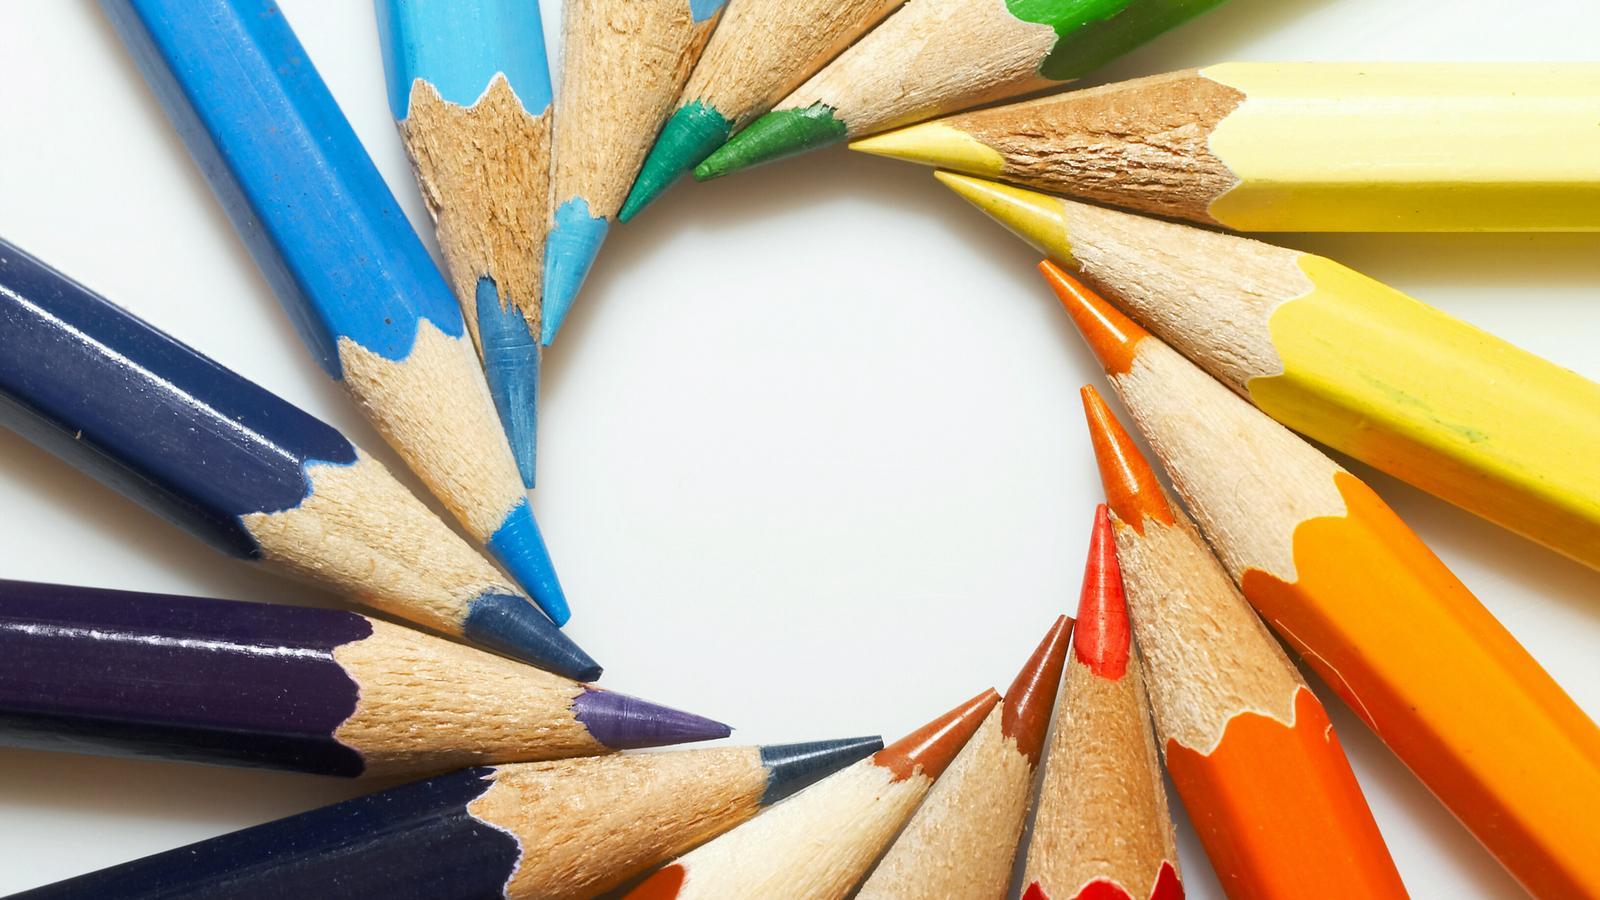 خرید مغزی مداد سیاه به ارزش 20 میلیارد ریال